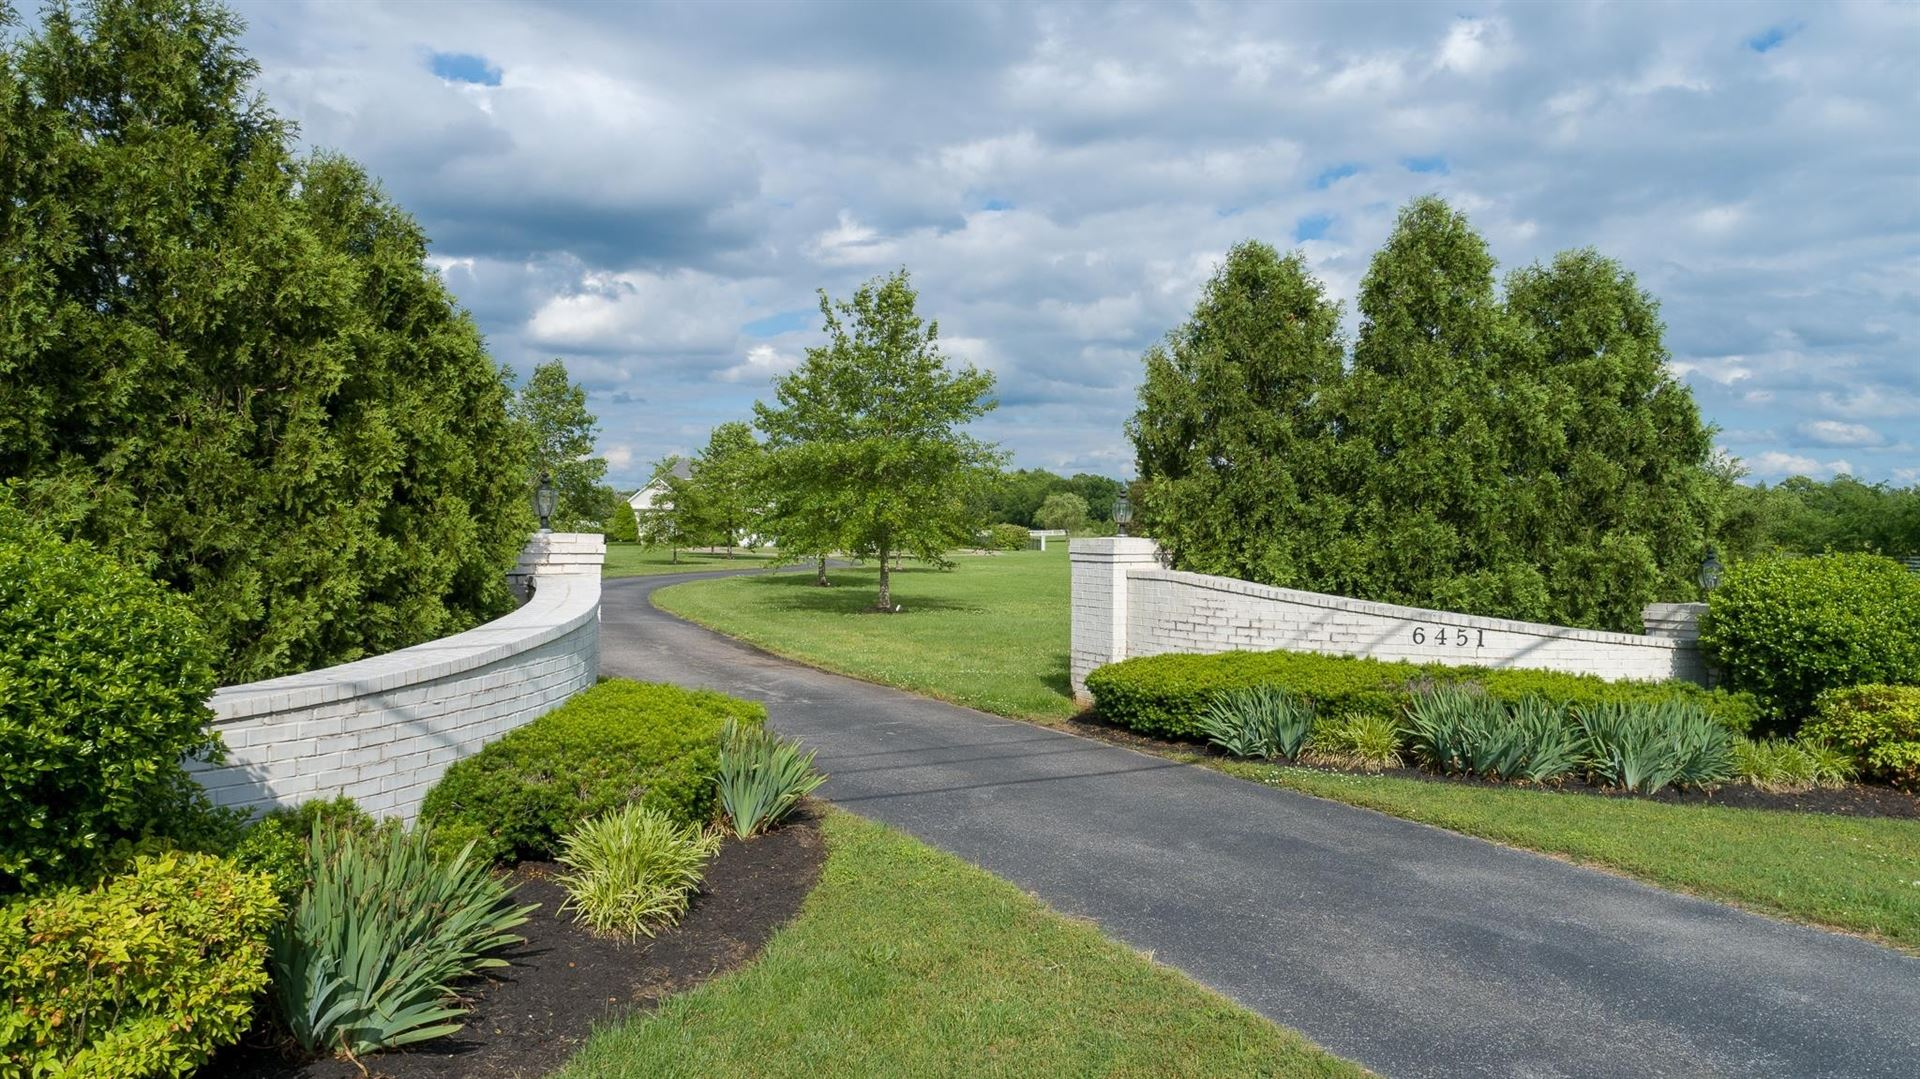 Photo of 6451 Manchester Pike, Murfreesboro, TN 37127 (MLS # 2232718)